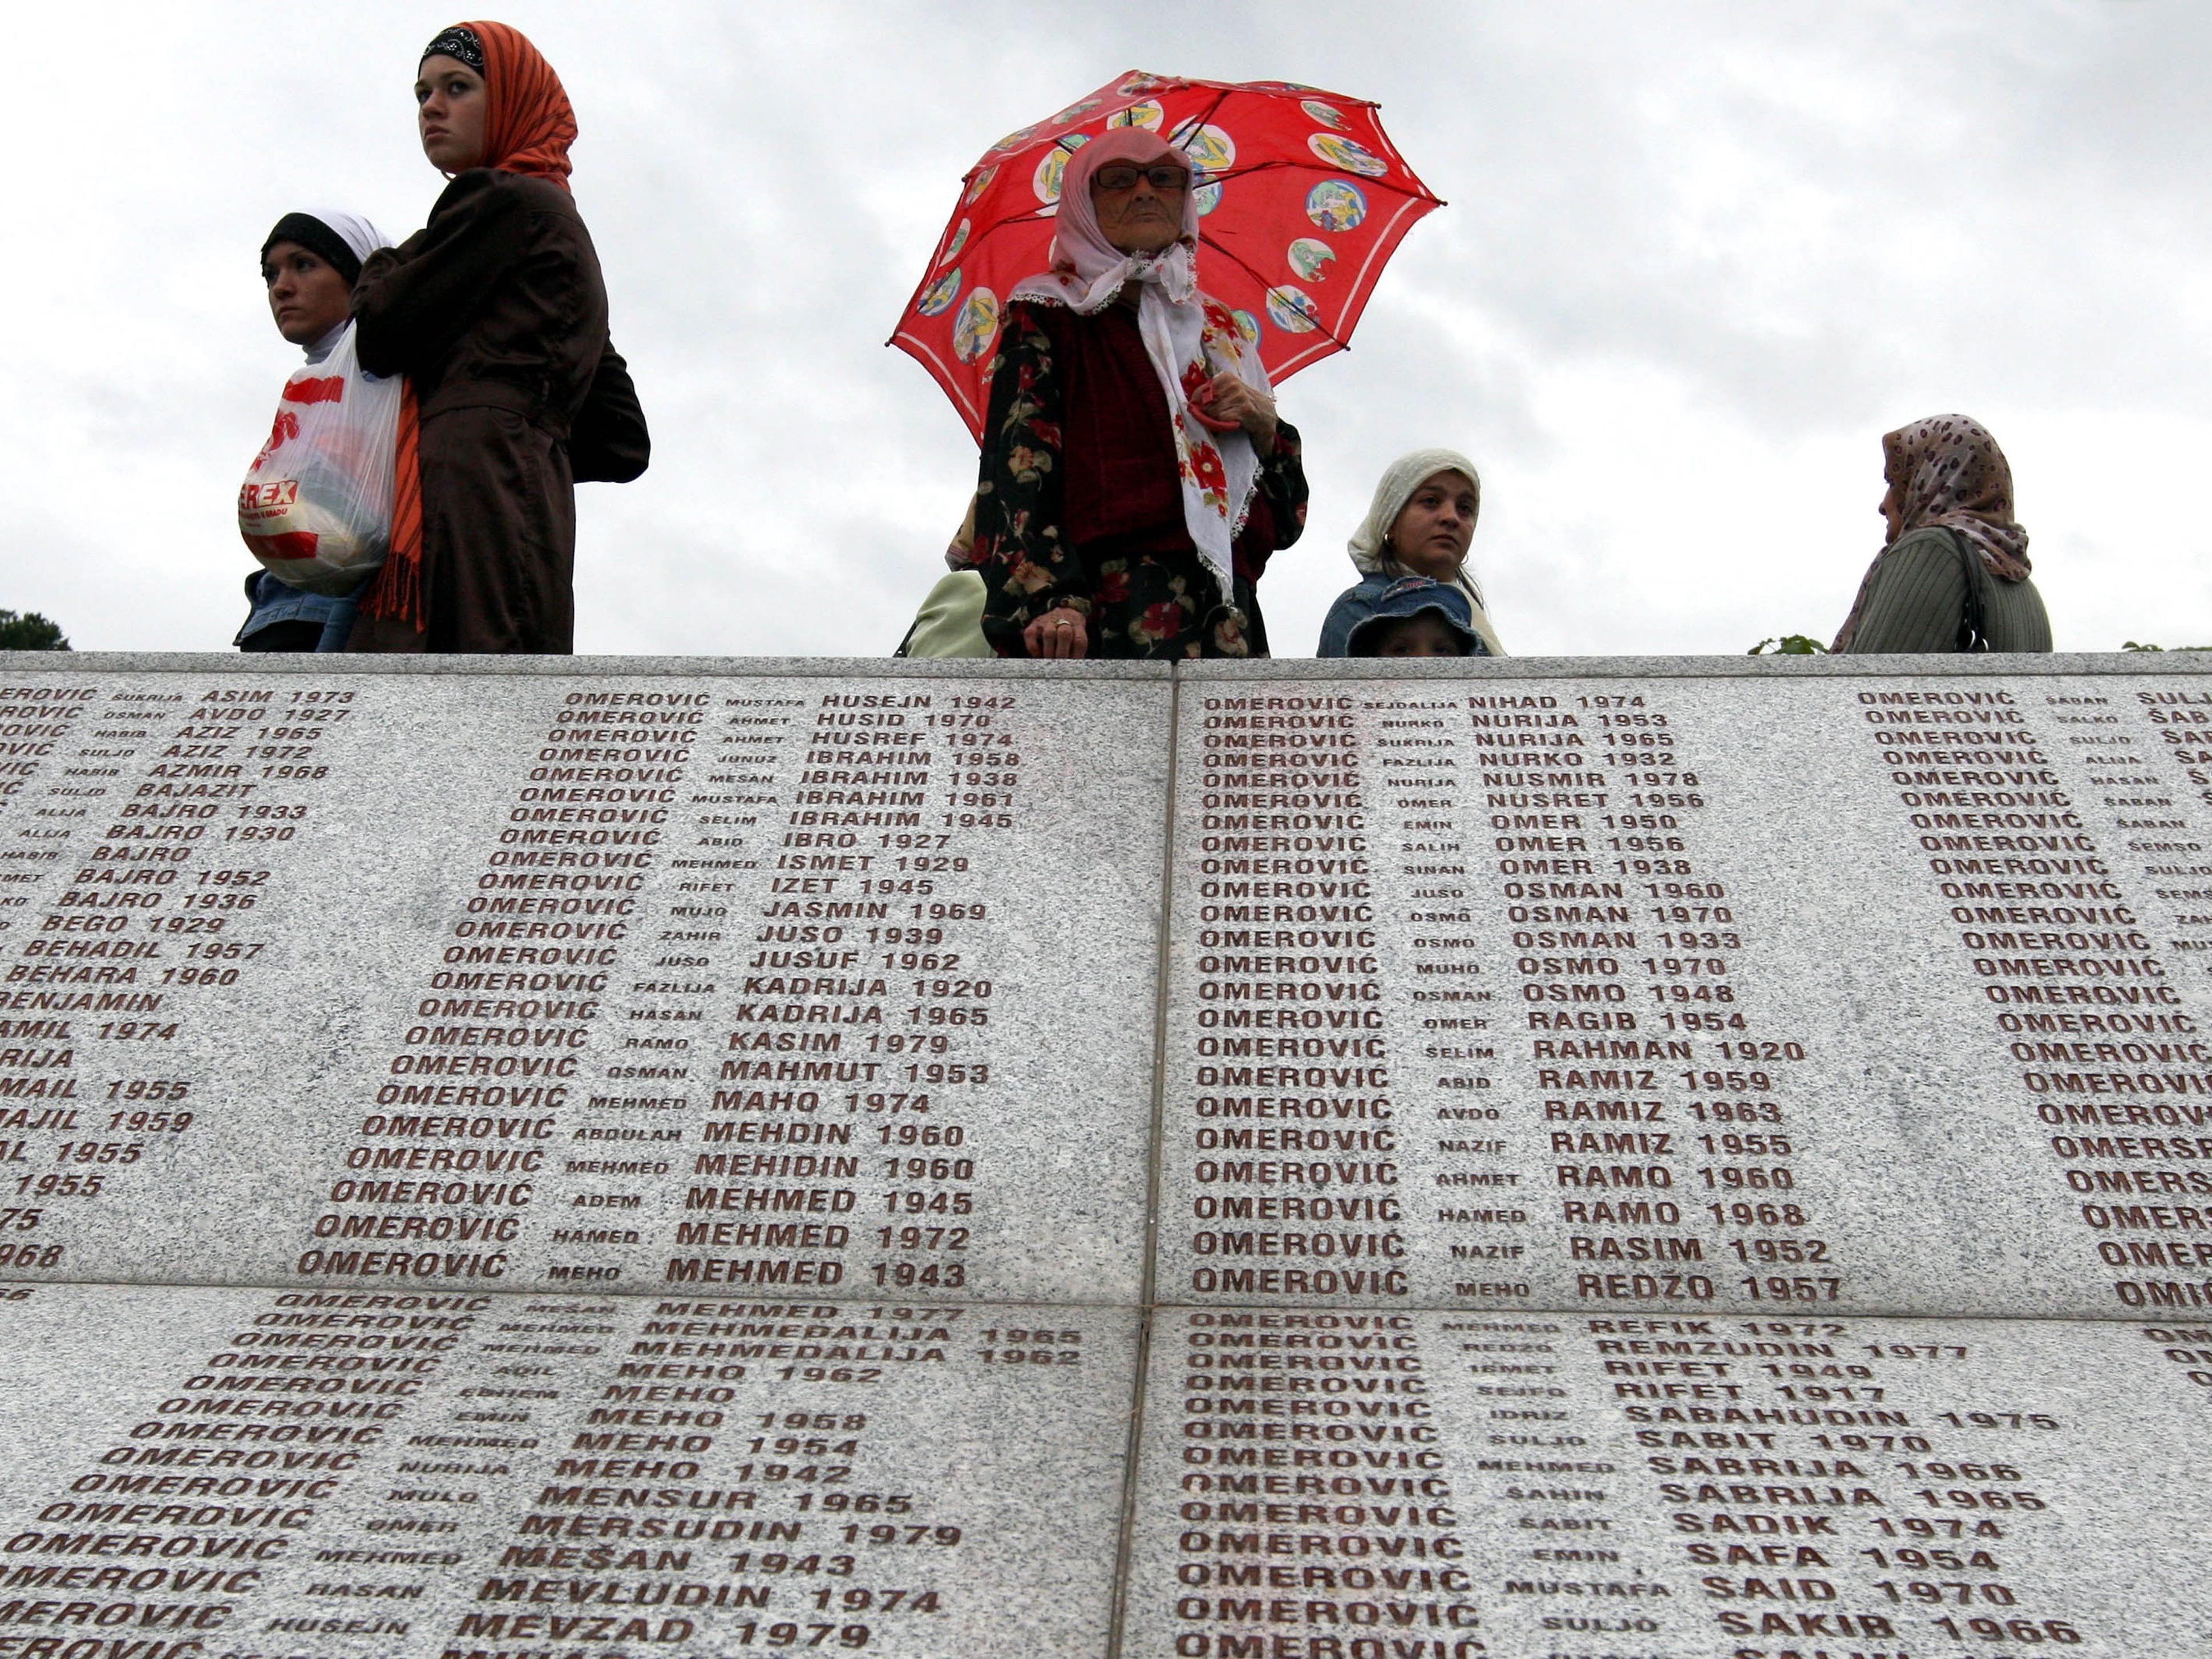 Abstimmung kurz vor 20. Jahrestag des Kriegsverbrechens angesetzt.